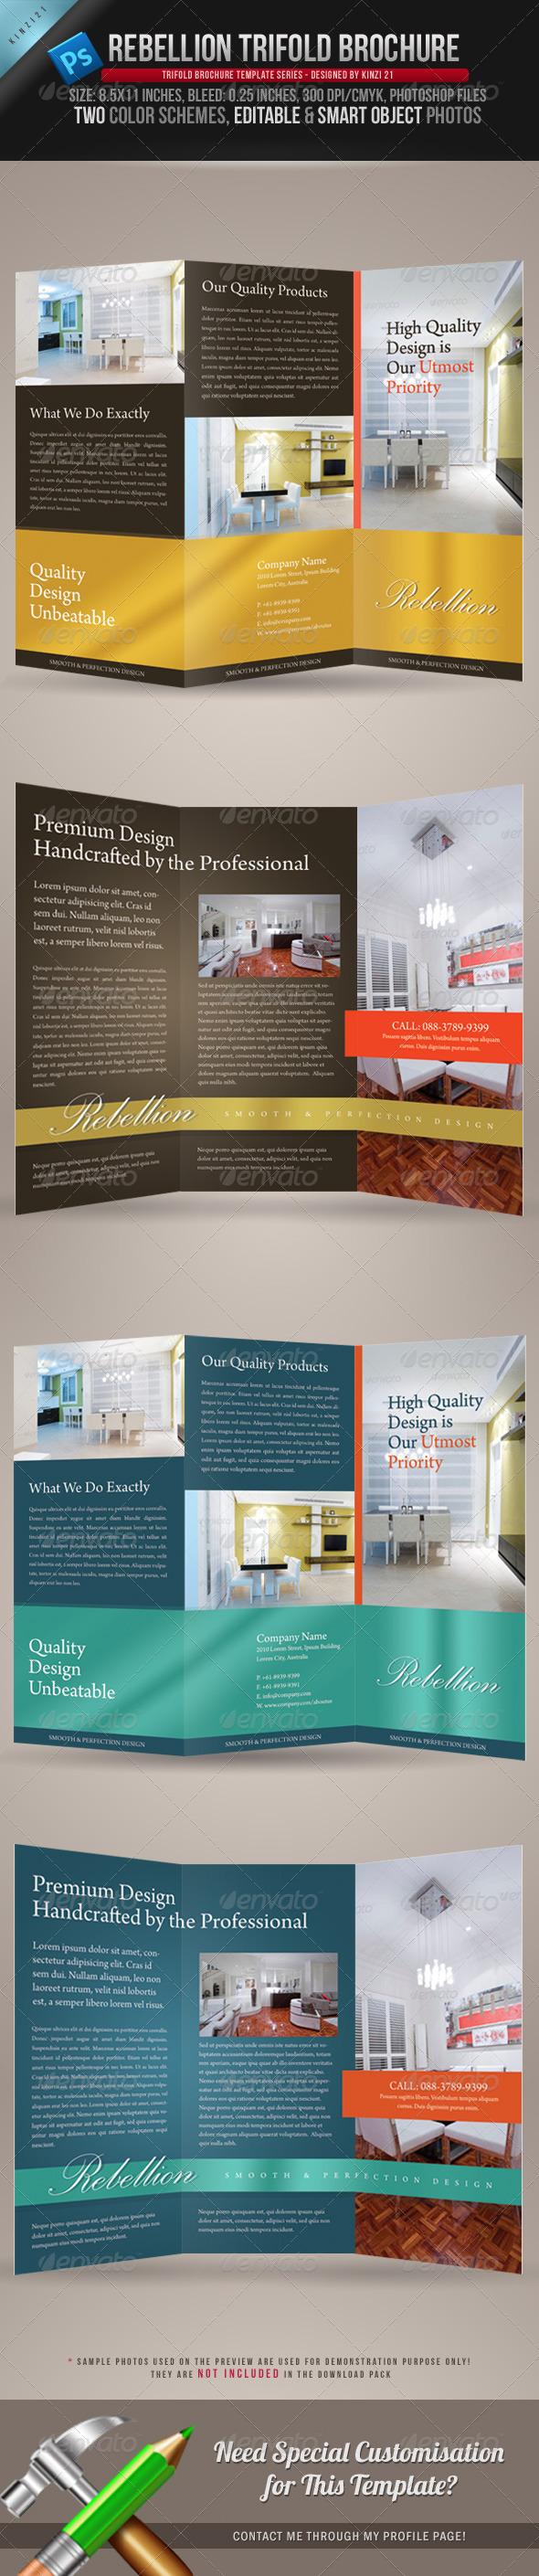 GraphicRiver Rebellion Trifold Brochure PSD Template 240713